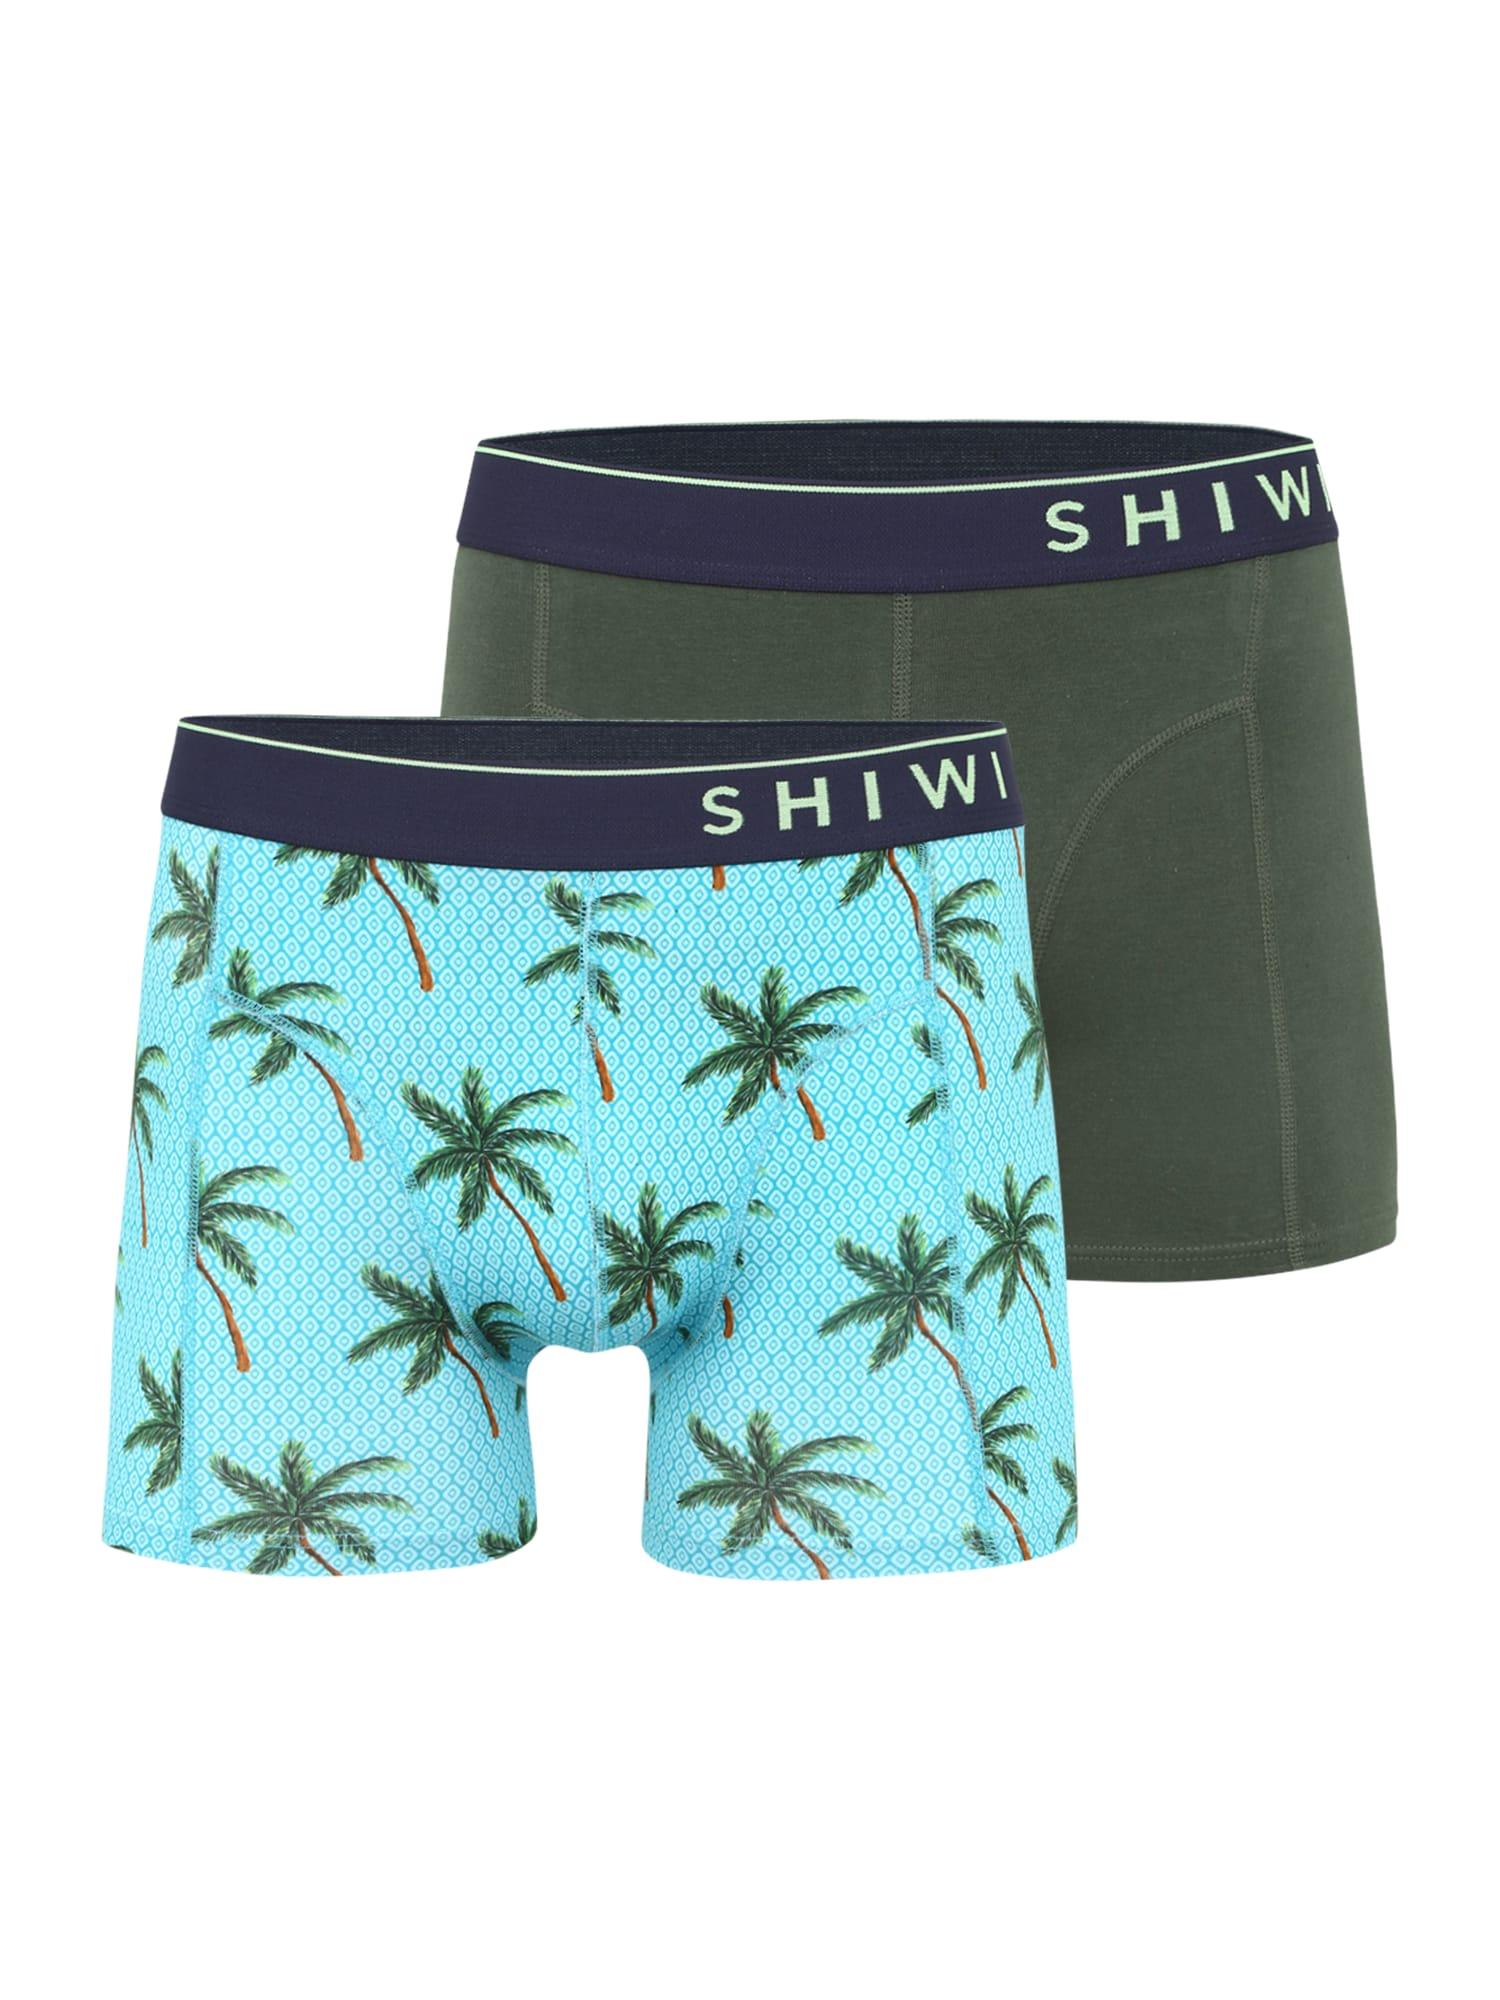 Shiwi Boxer trumpikės tamsiai žalia / šviesiai mėlyna